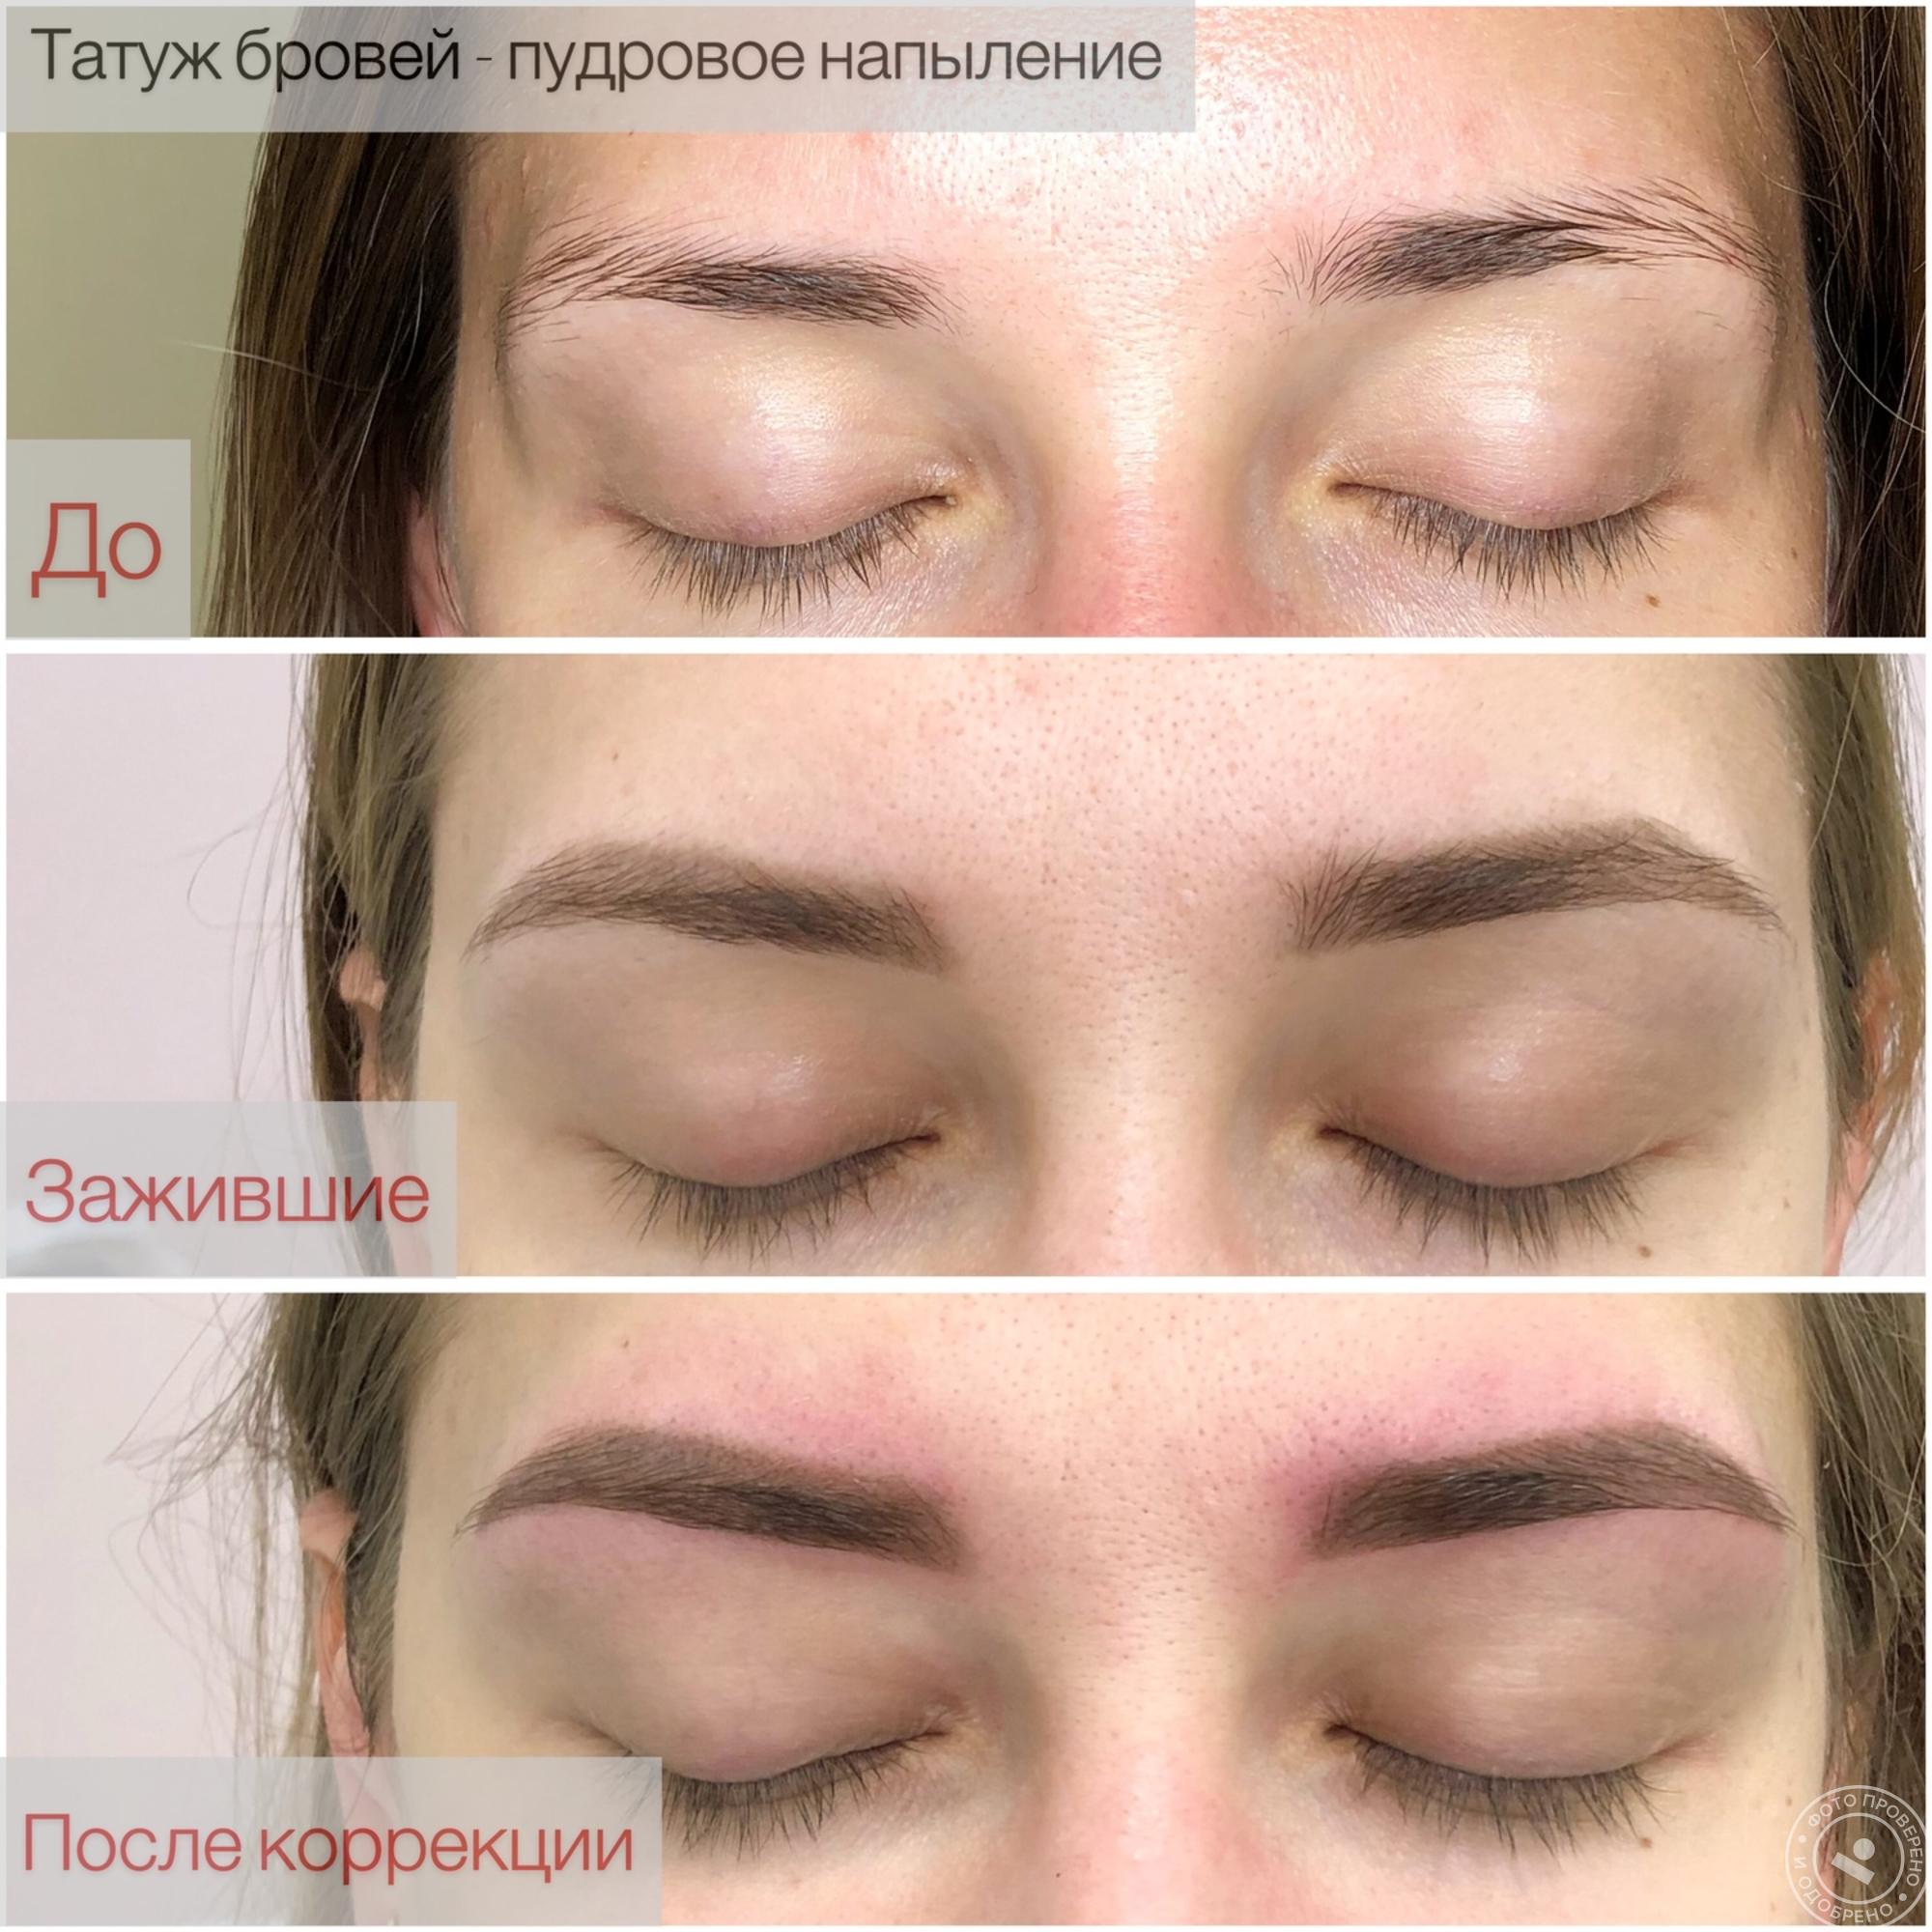 Пудровое напыление бровей, что это такое, техника, фото до и после, отзывы - ezavi.ru